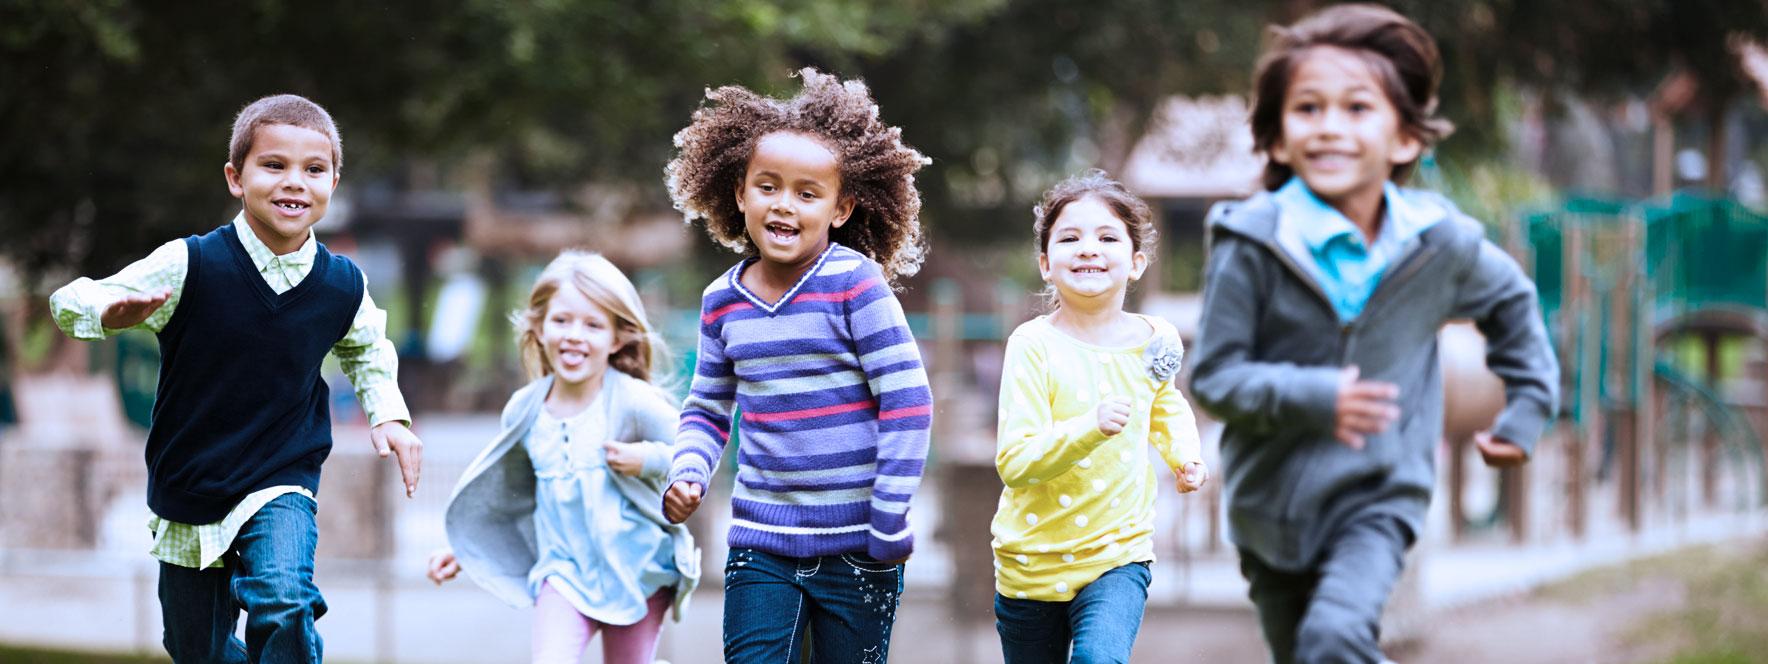 Groupe d'enfants qui courent et s'amusent